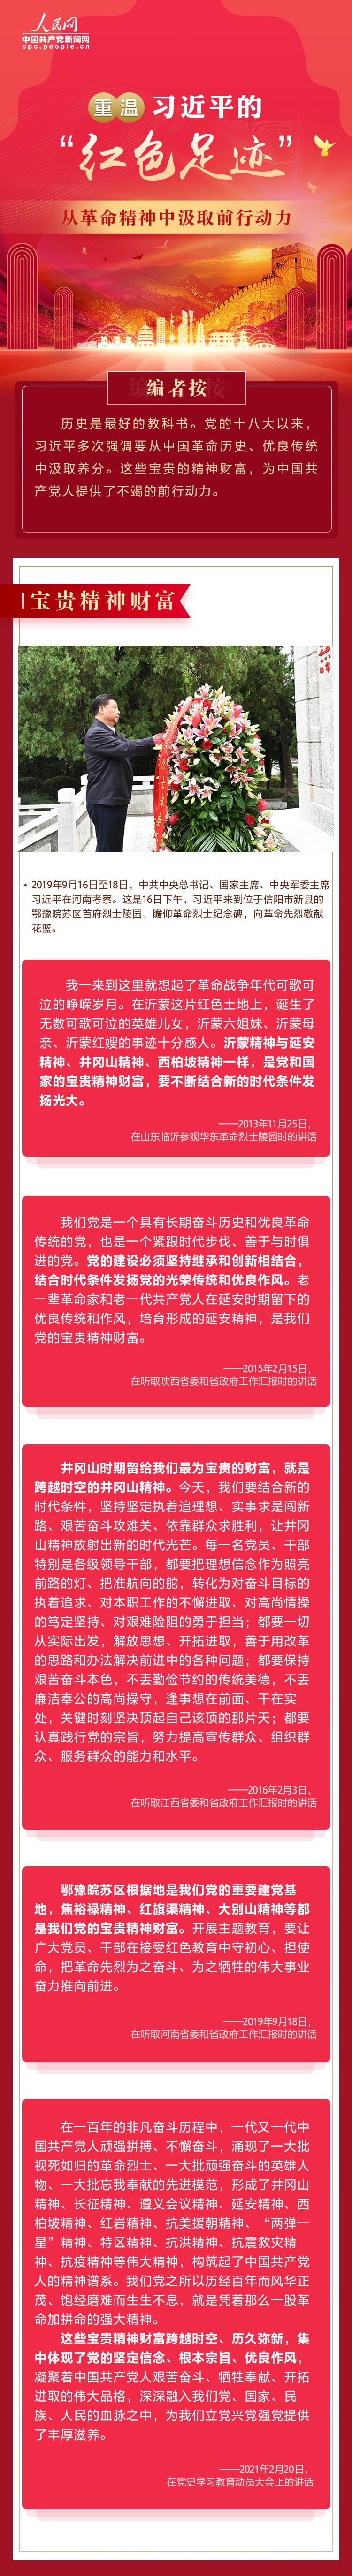 """重温习近平的""""红色足迹"""" 从革命精神中汲取前行动力"""